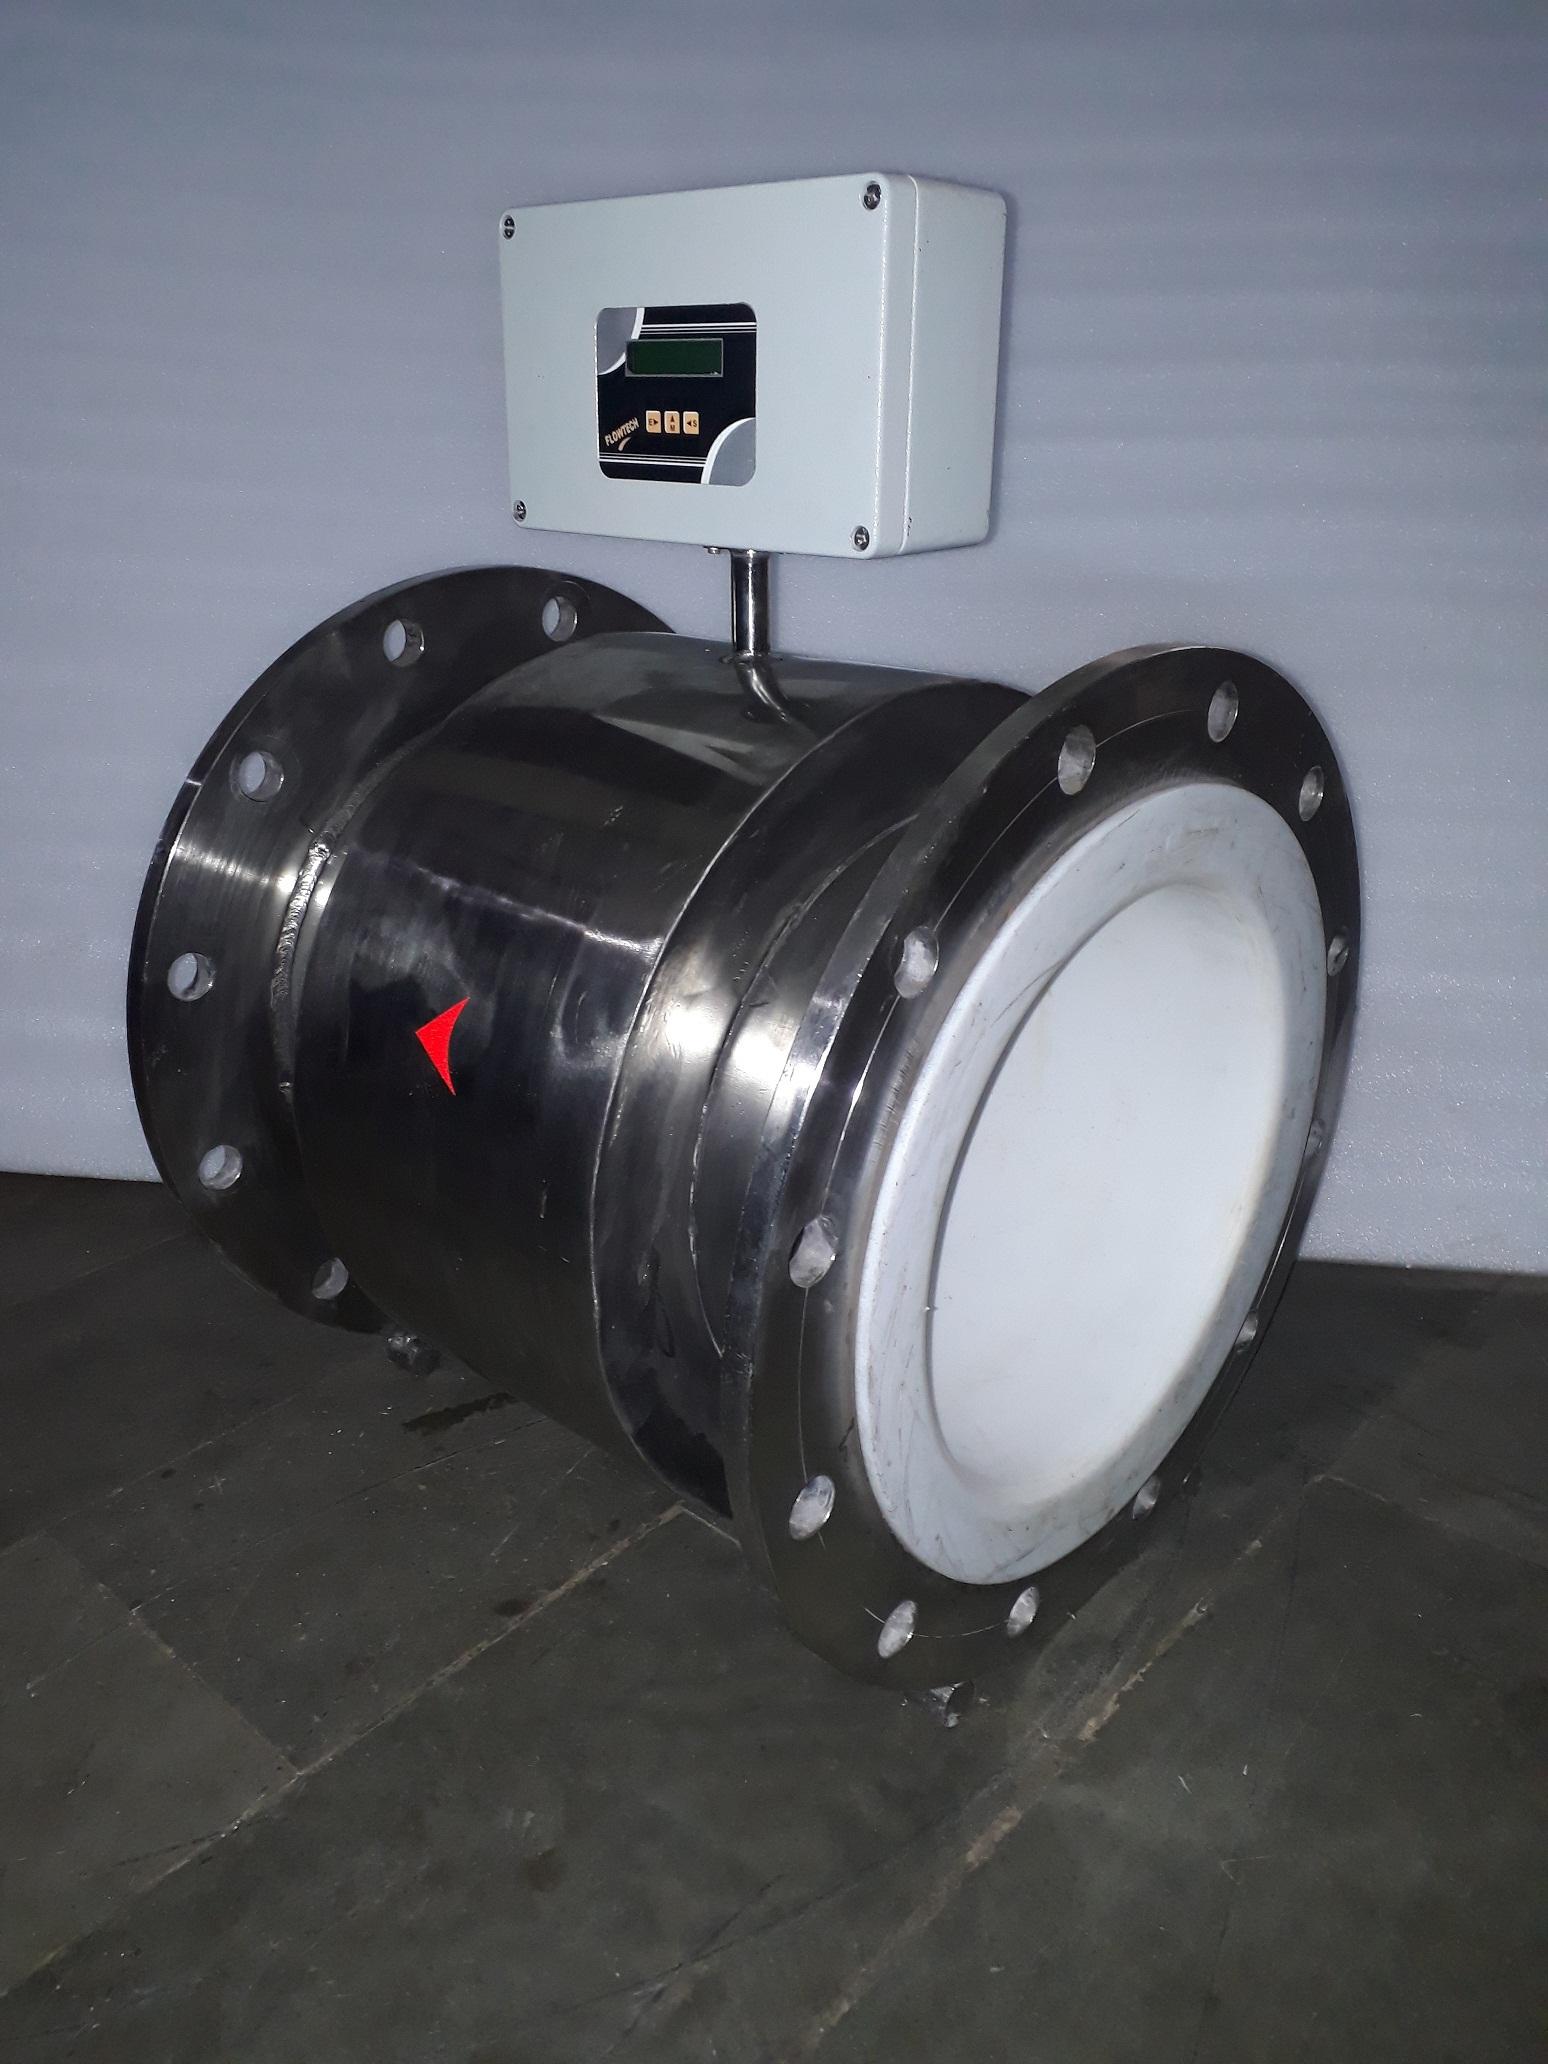 Effluent Water Flow Meters